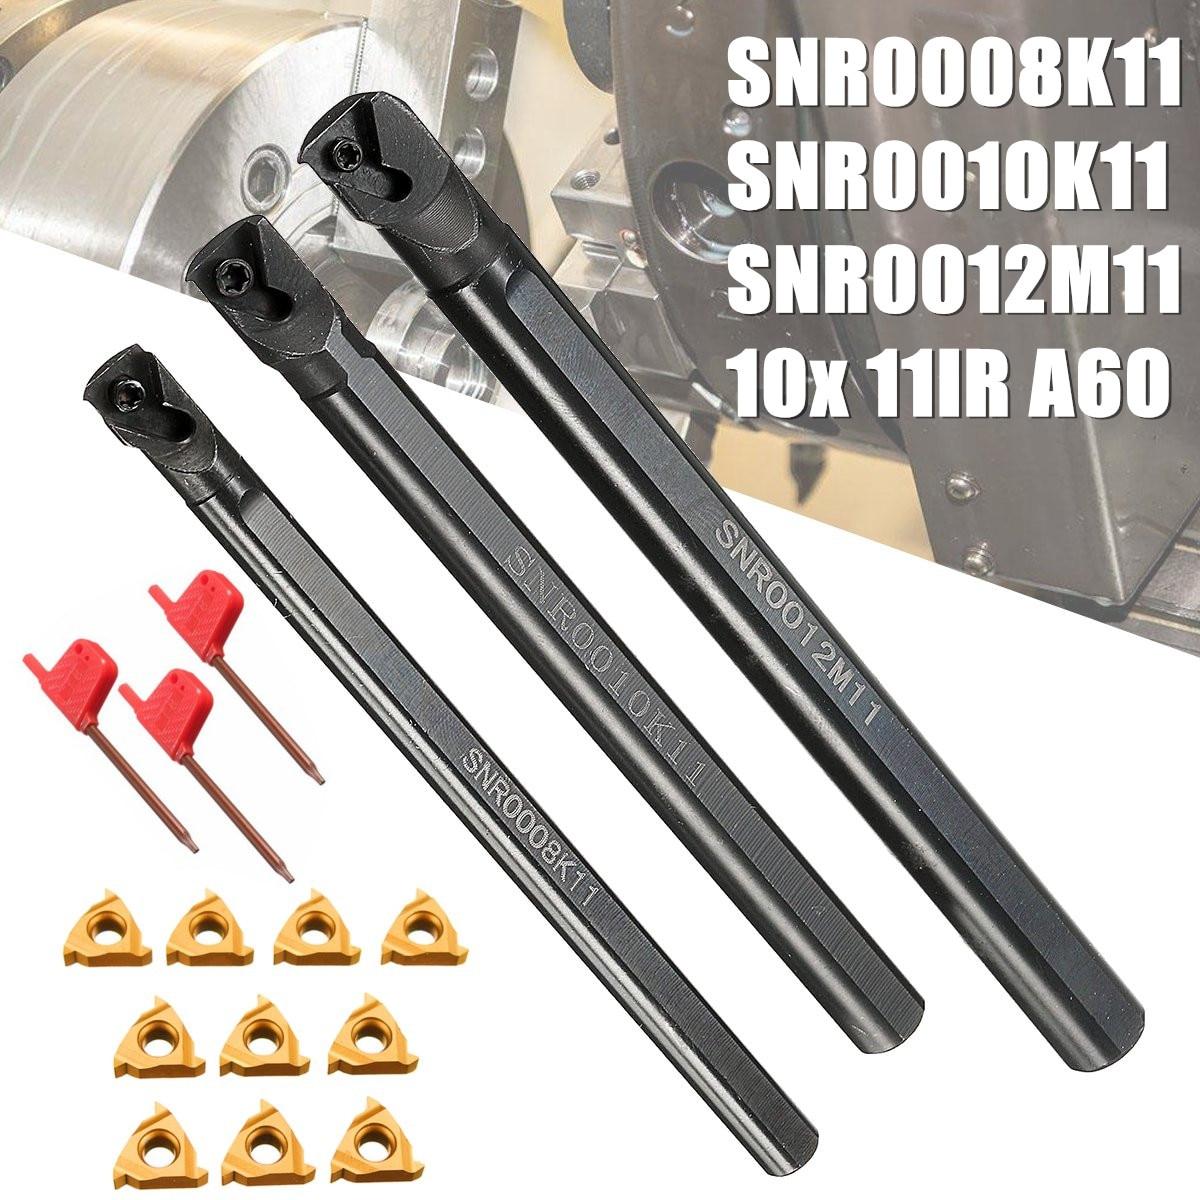 Barra de Aço Snr0008k11 + Snr0010k11 + Snr0012m11 Chave + 10x Conjunto Torno Chato Inoxidável Peças 11ir A60 Inserção Chave 3